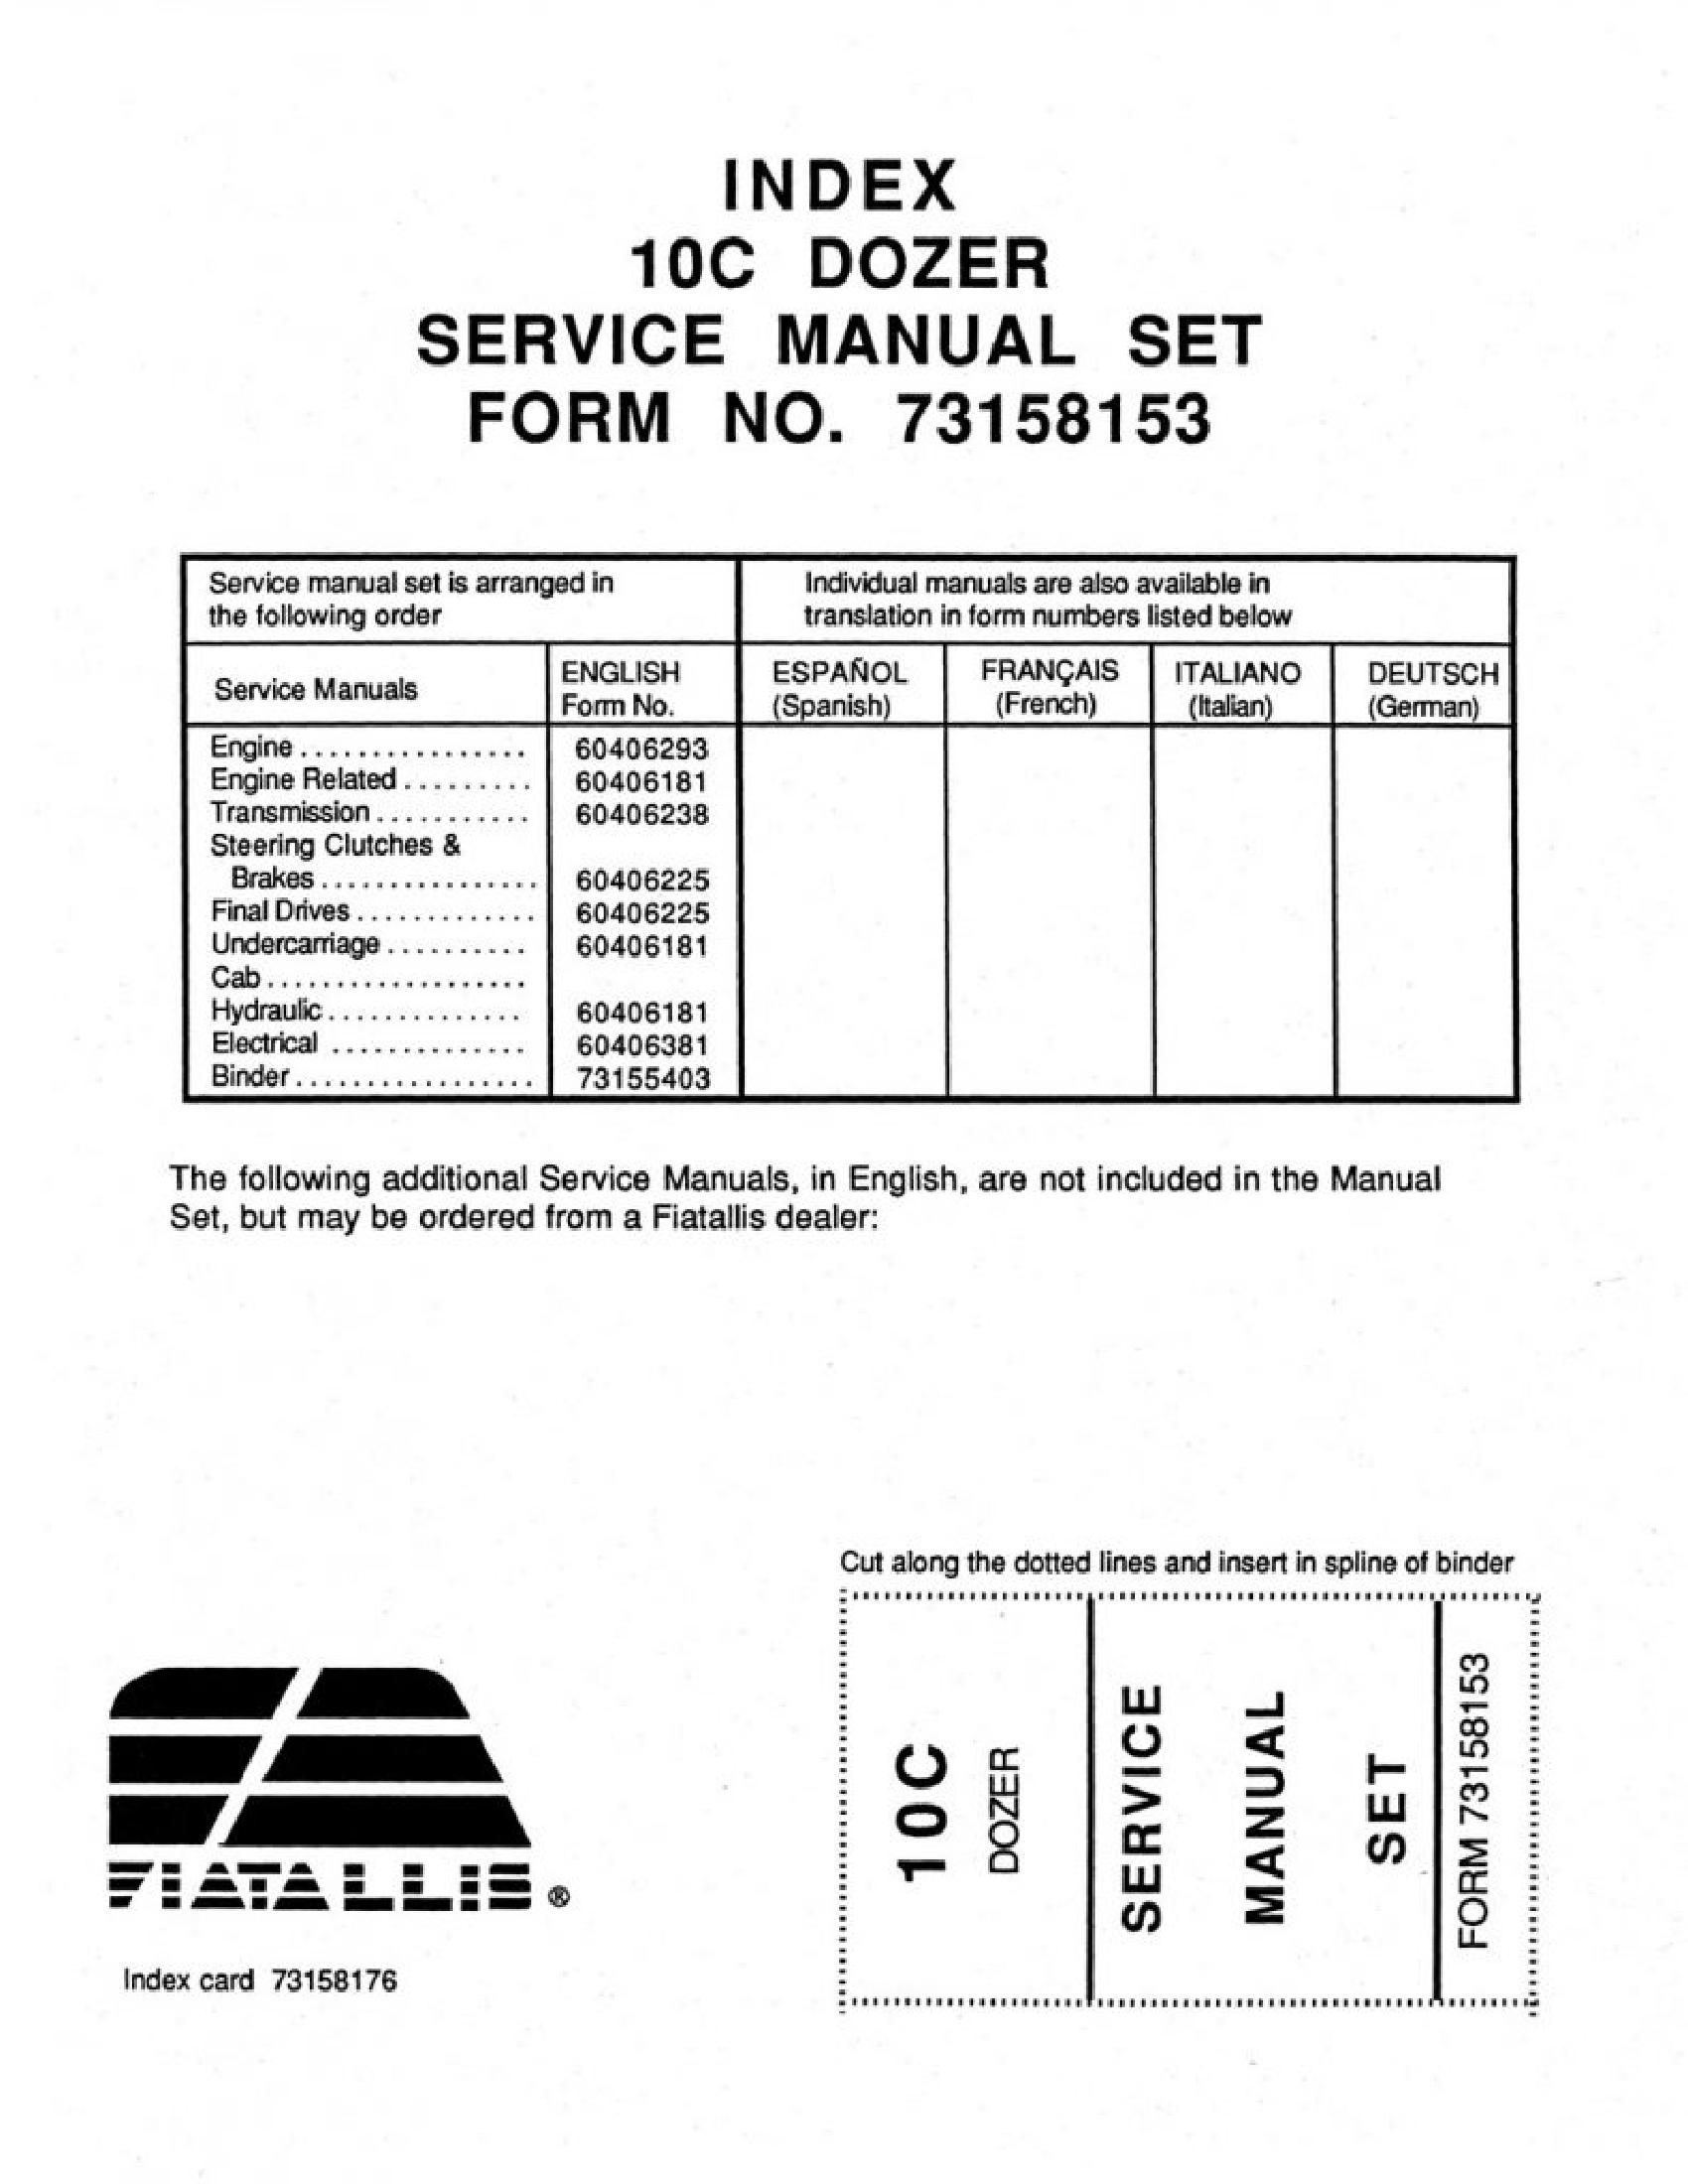 Fiat-Allis 10C Dozer manual